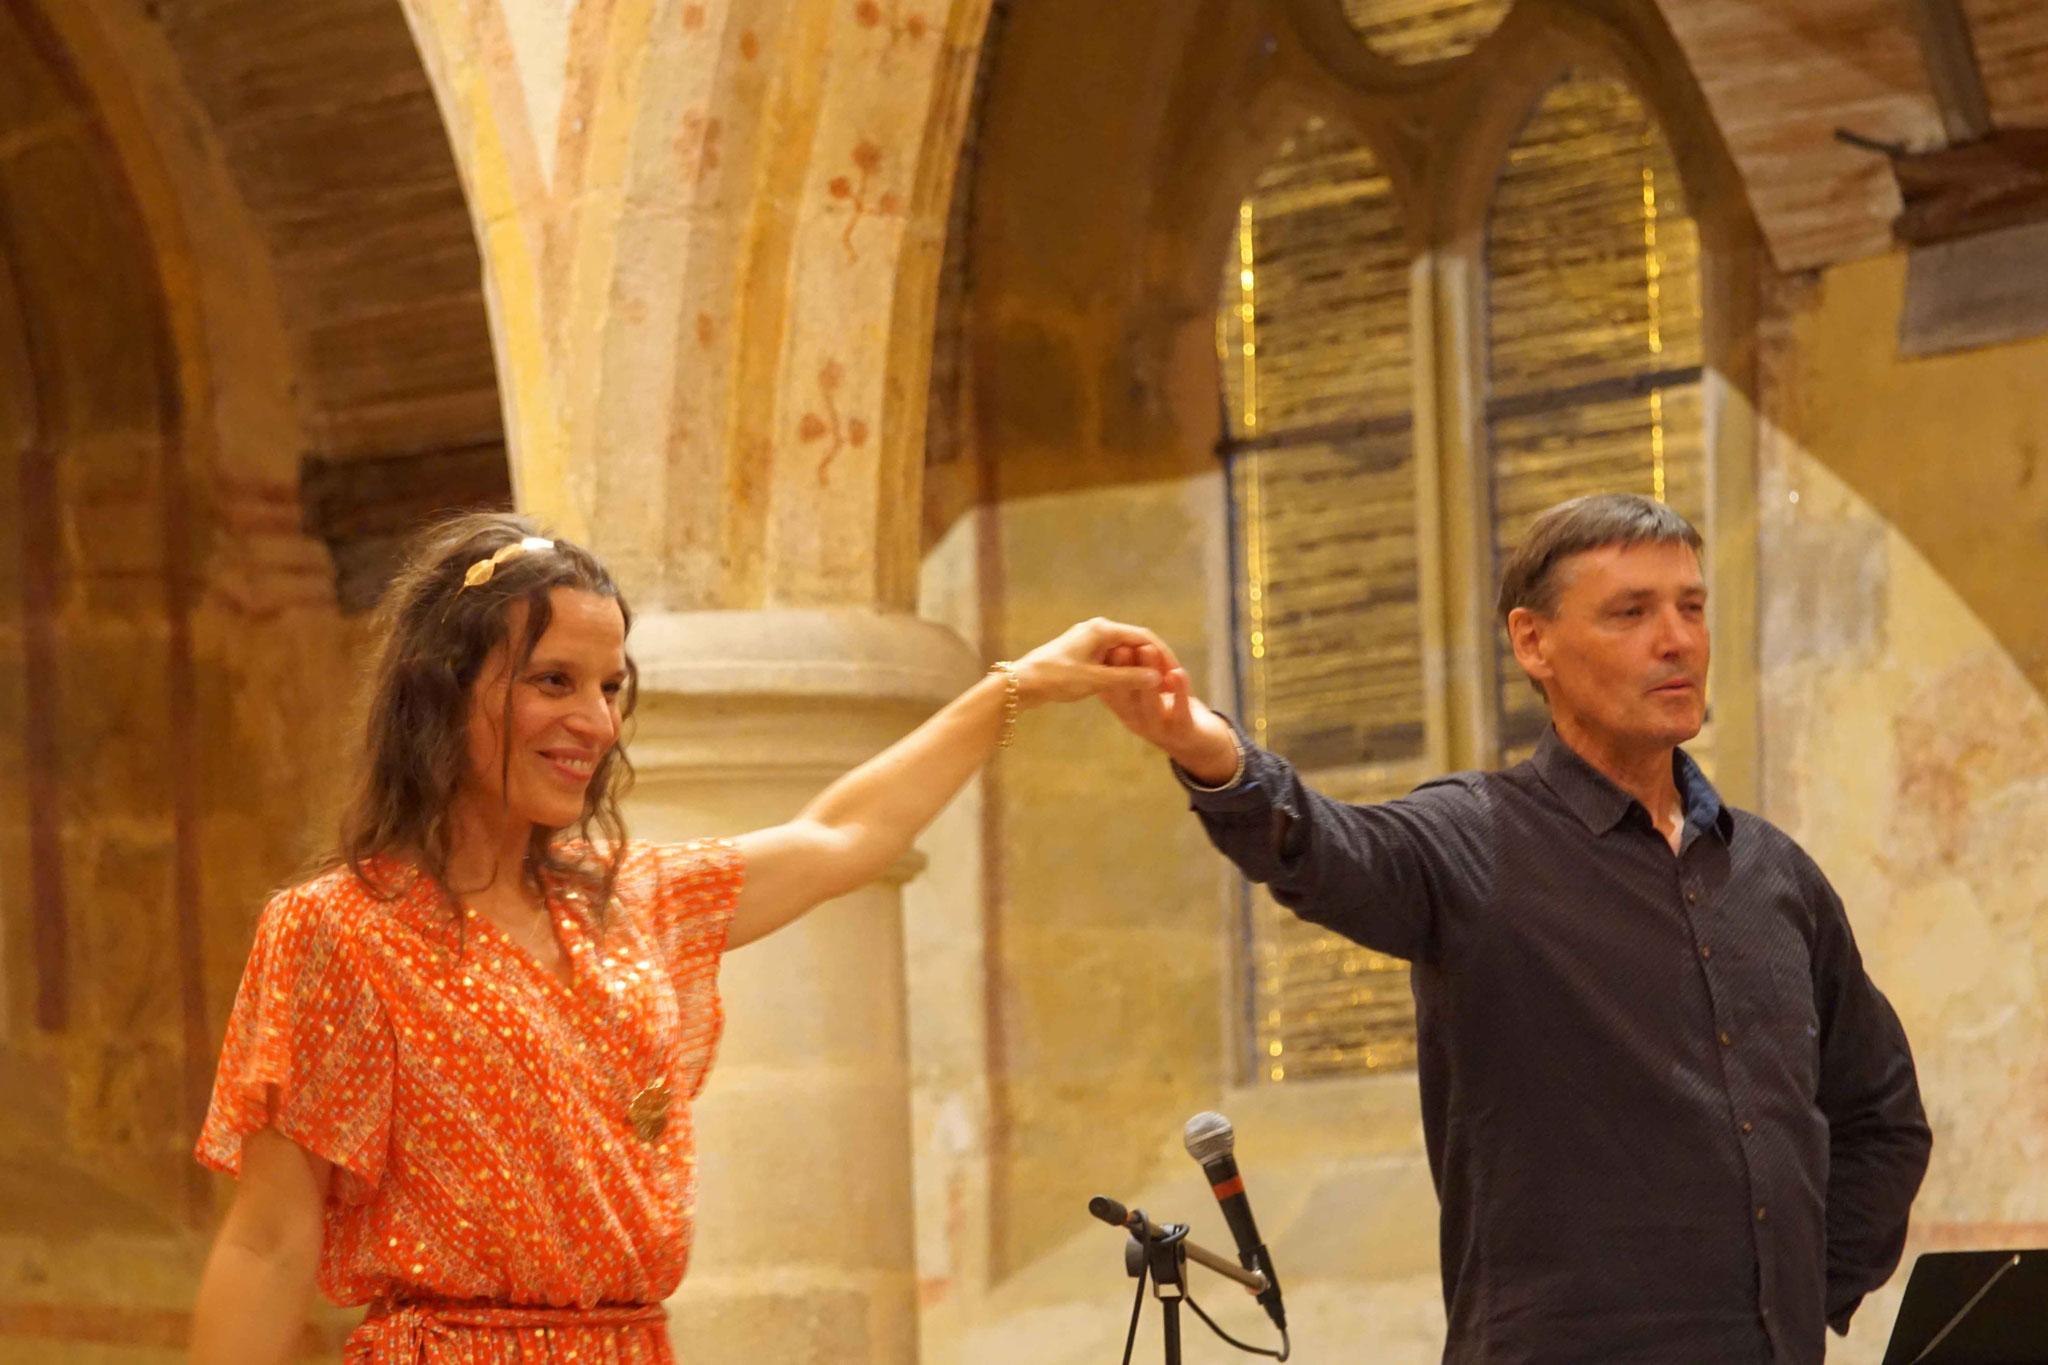 Eglise de Morieux ~ Mercredi 21 Août 2019 avec Jean Marc Amis